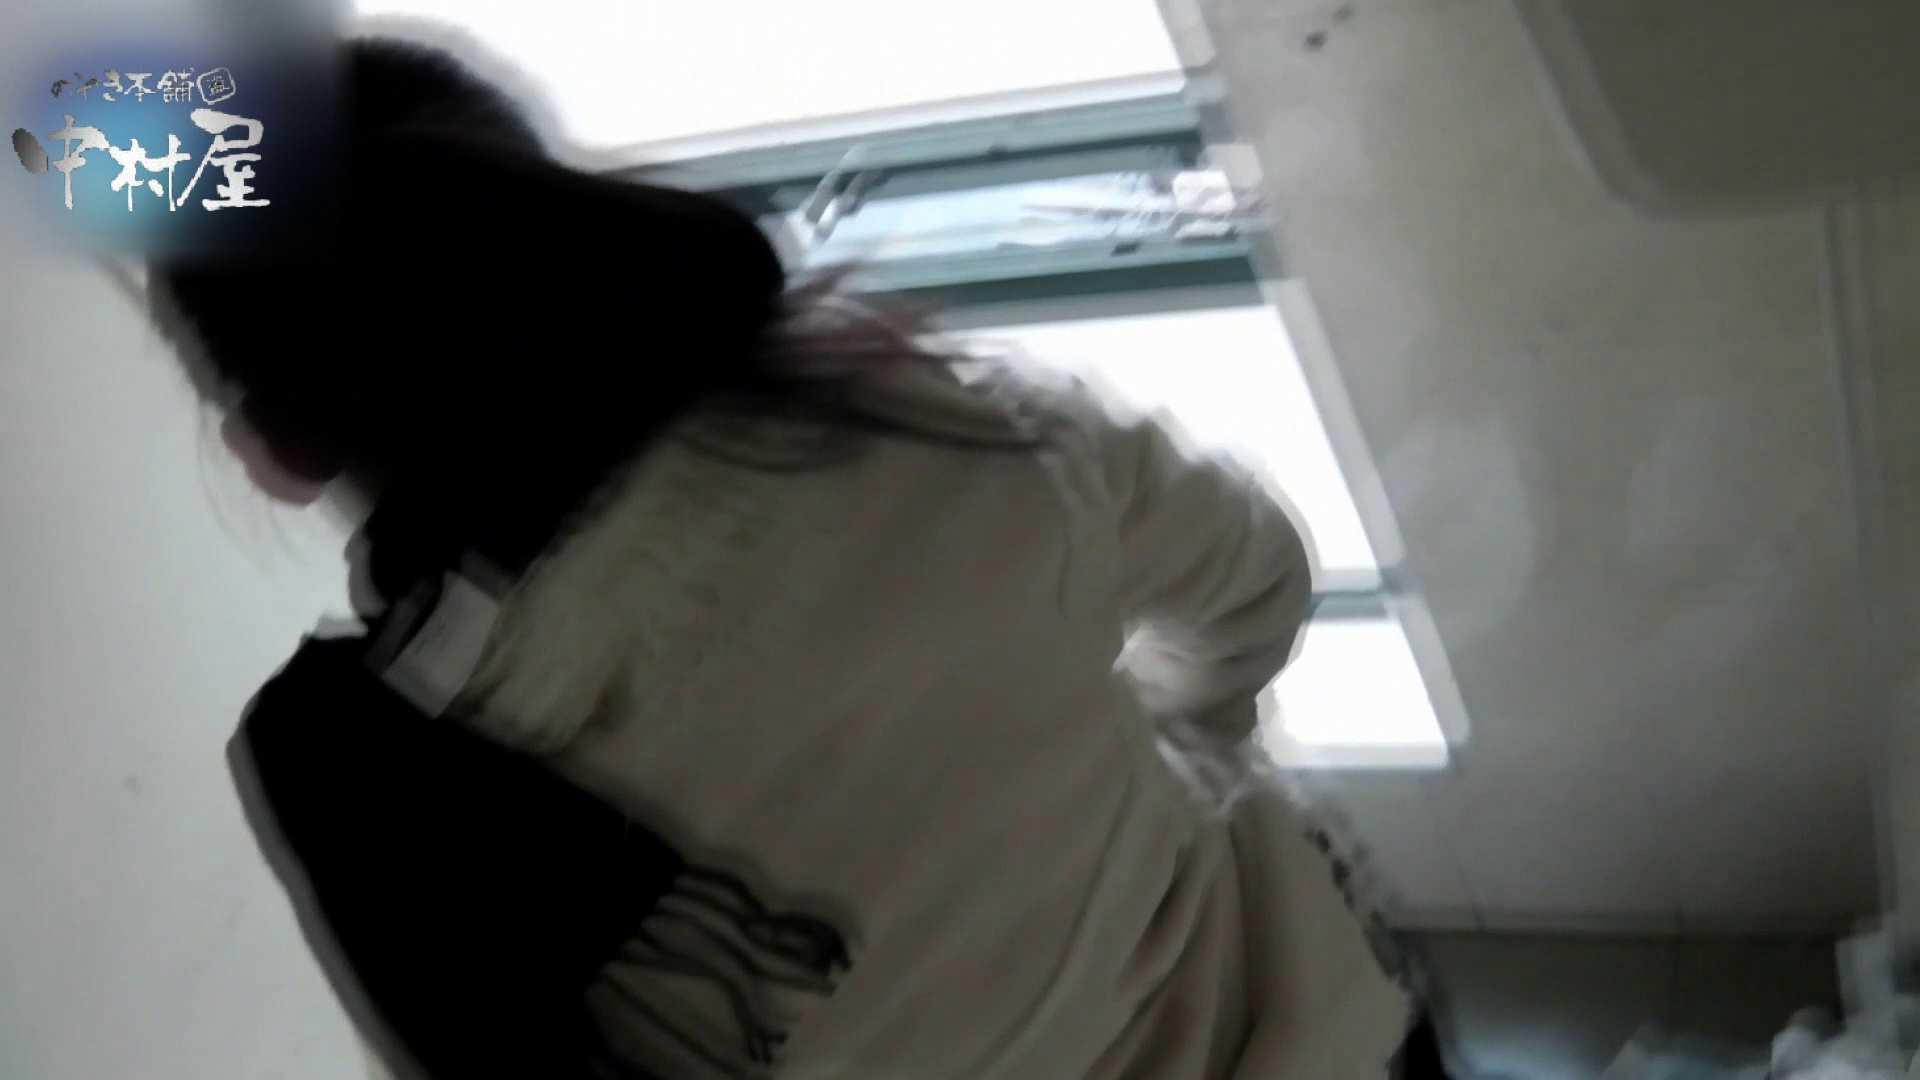 乙女集まる!ショッピングモール潜入撮vol.06 丸見え AV動画キャプチャ 108連発 70